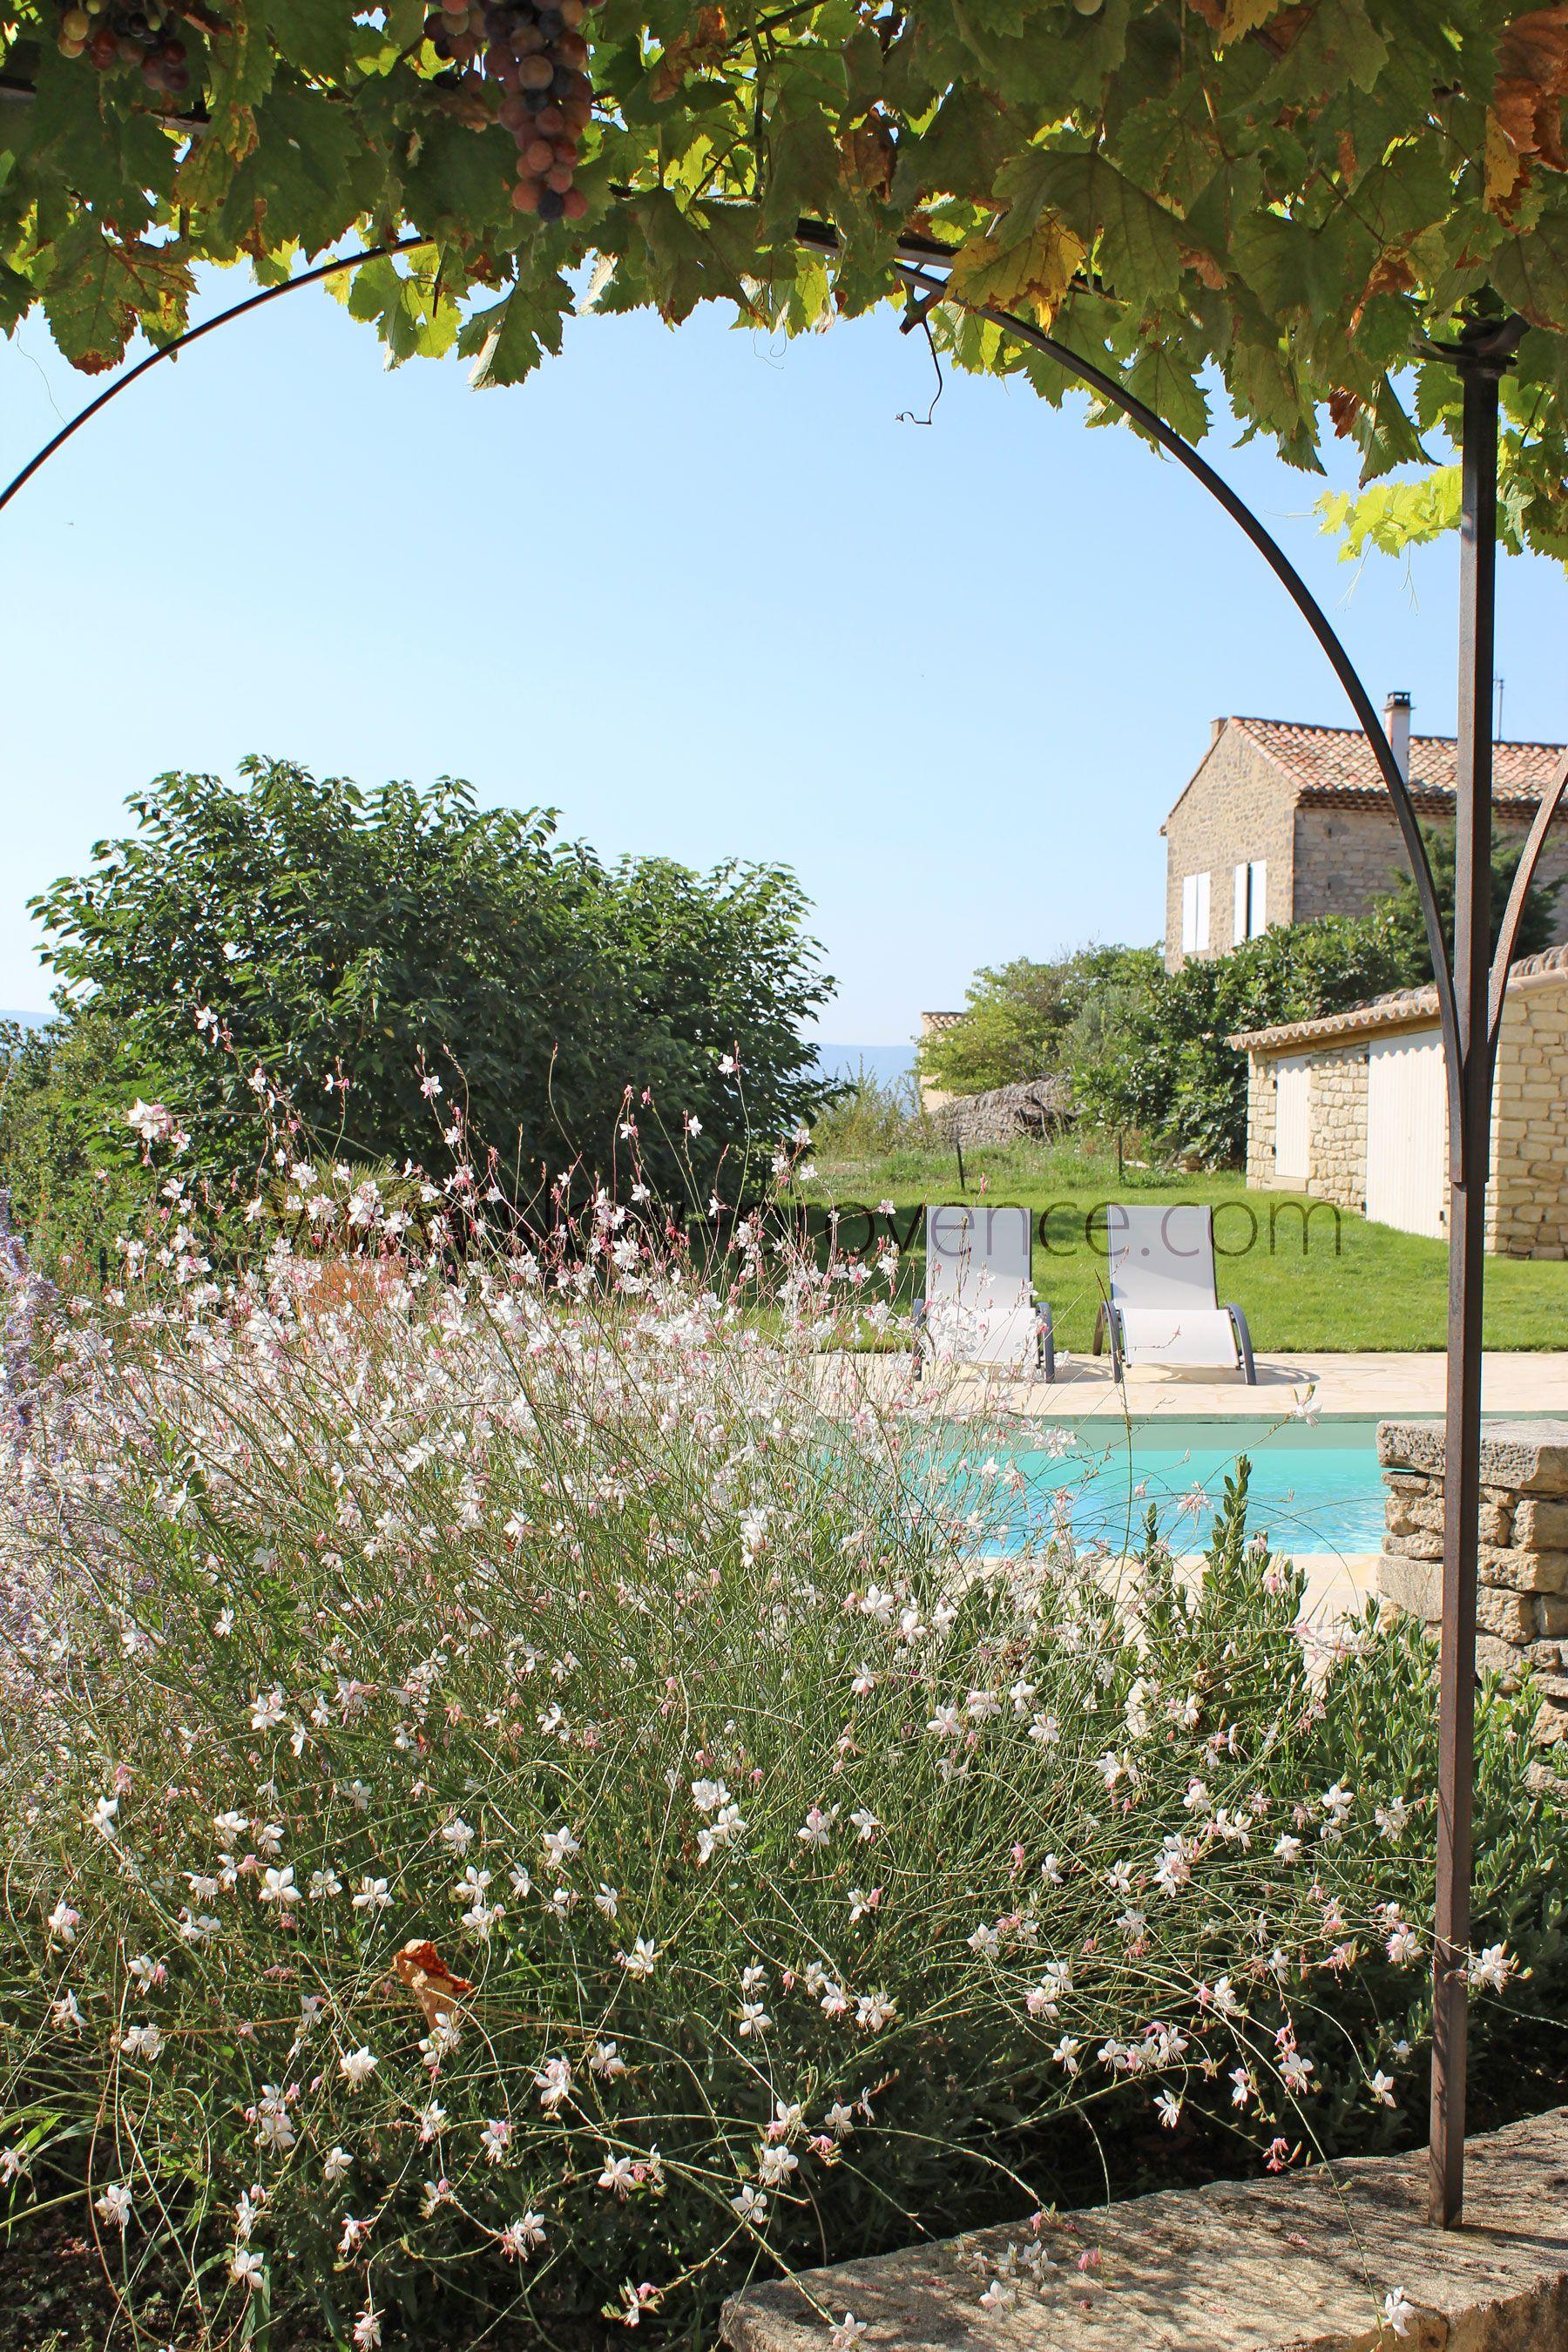 Location de charme avec piscine chauffée 1 chambre - Idéal pour un ...